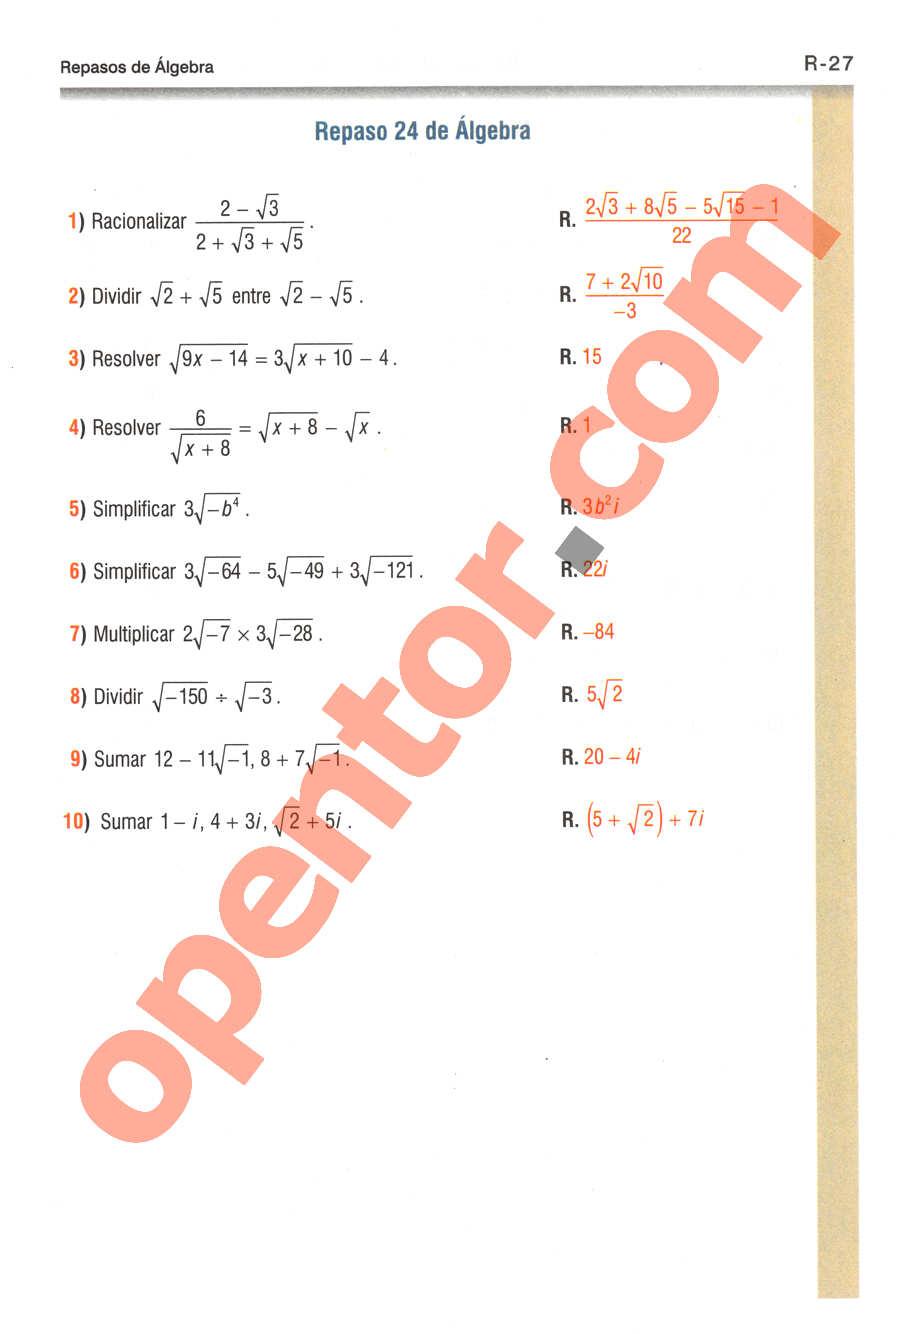 Geometría y Trigonometría de Baldor - Página R27